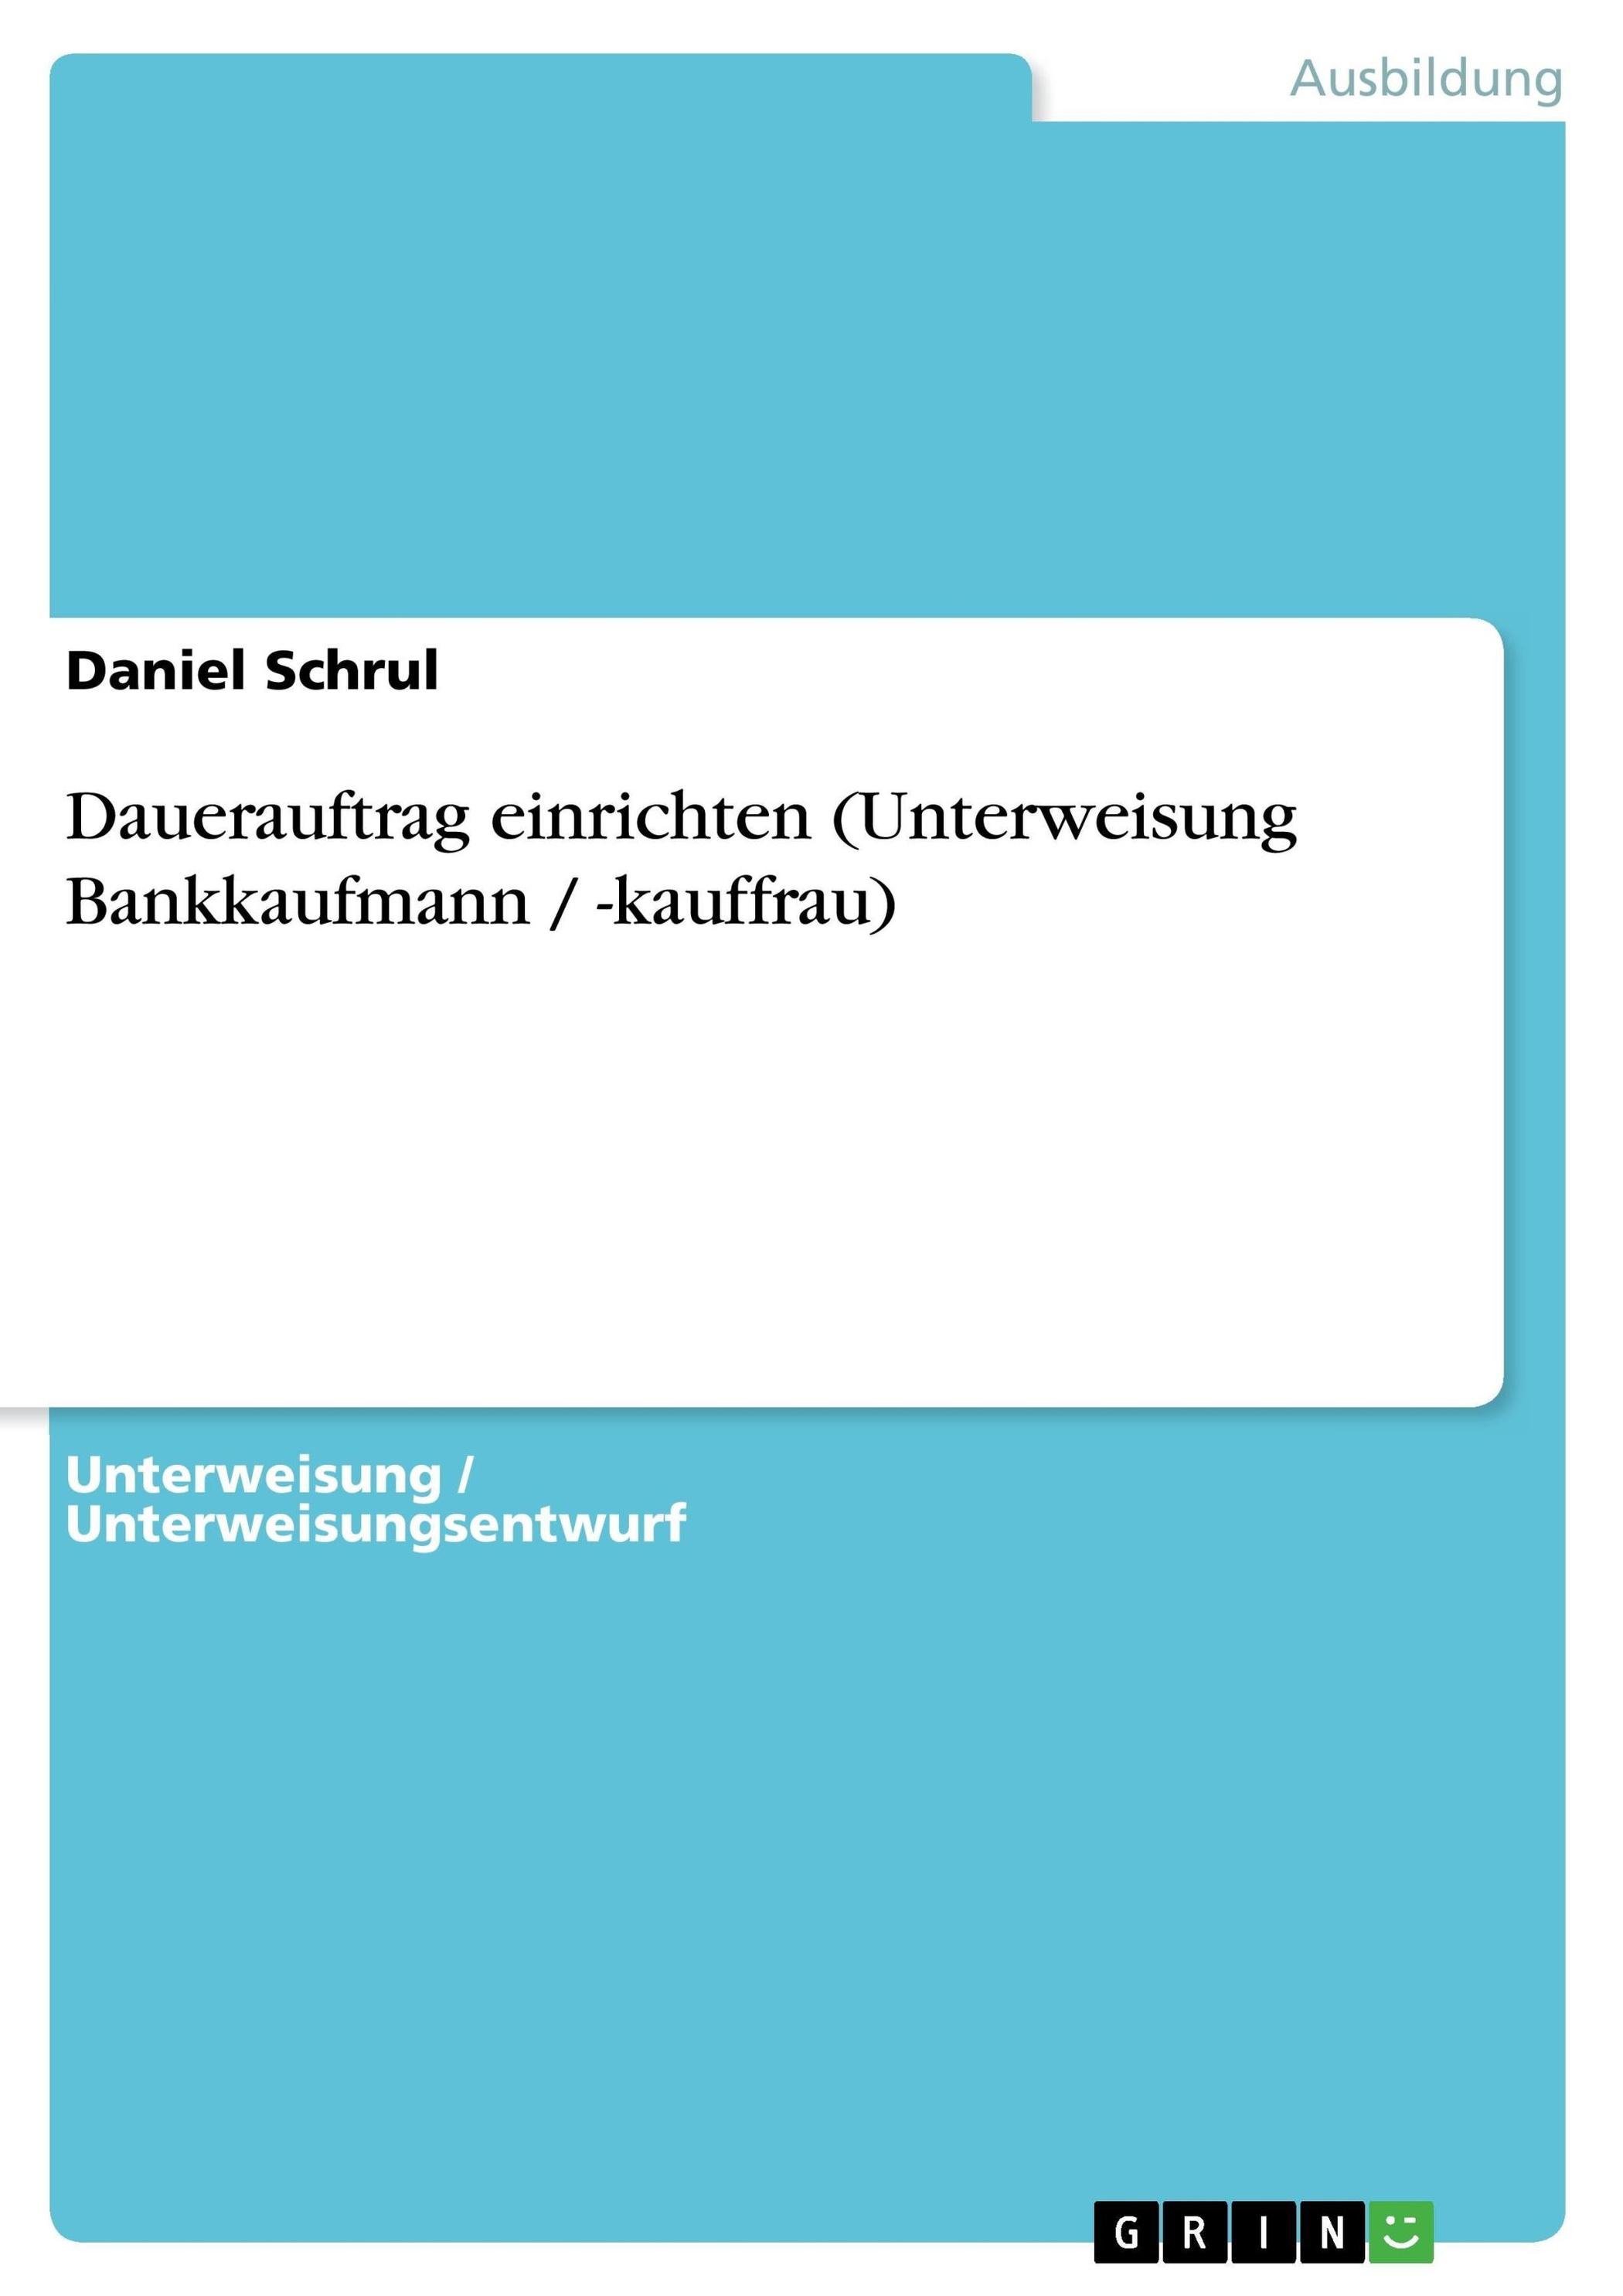 Dauerauftrag einrichten (Unterweisung Bankkaufmann / -kauffrau)